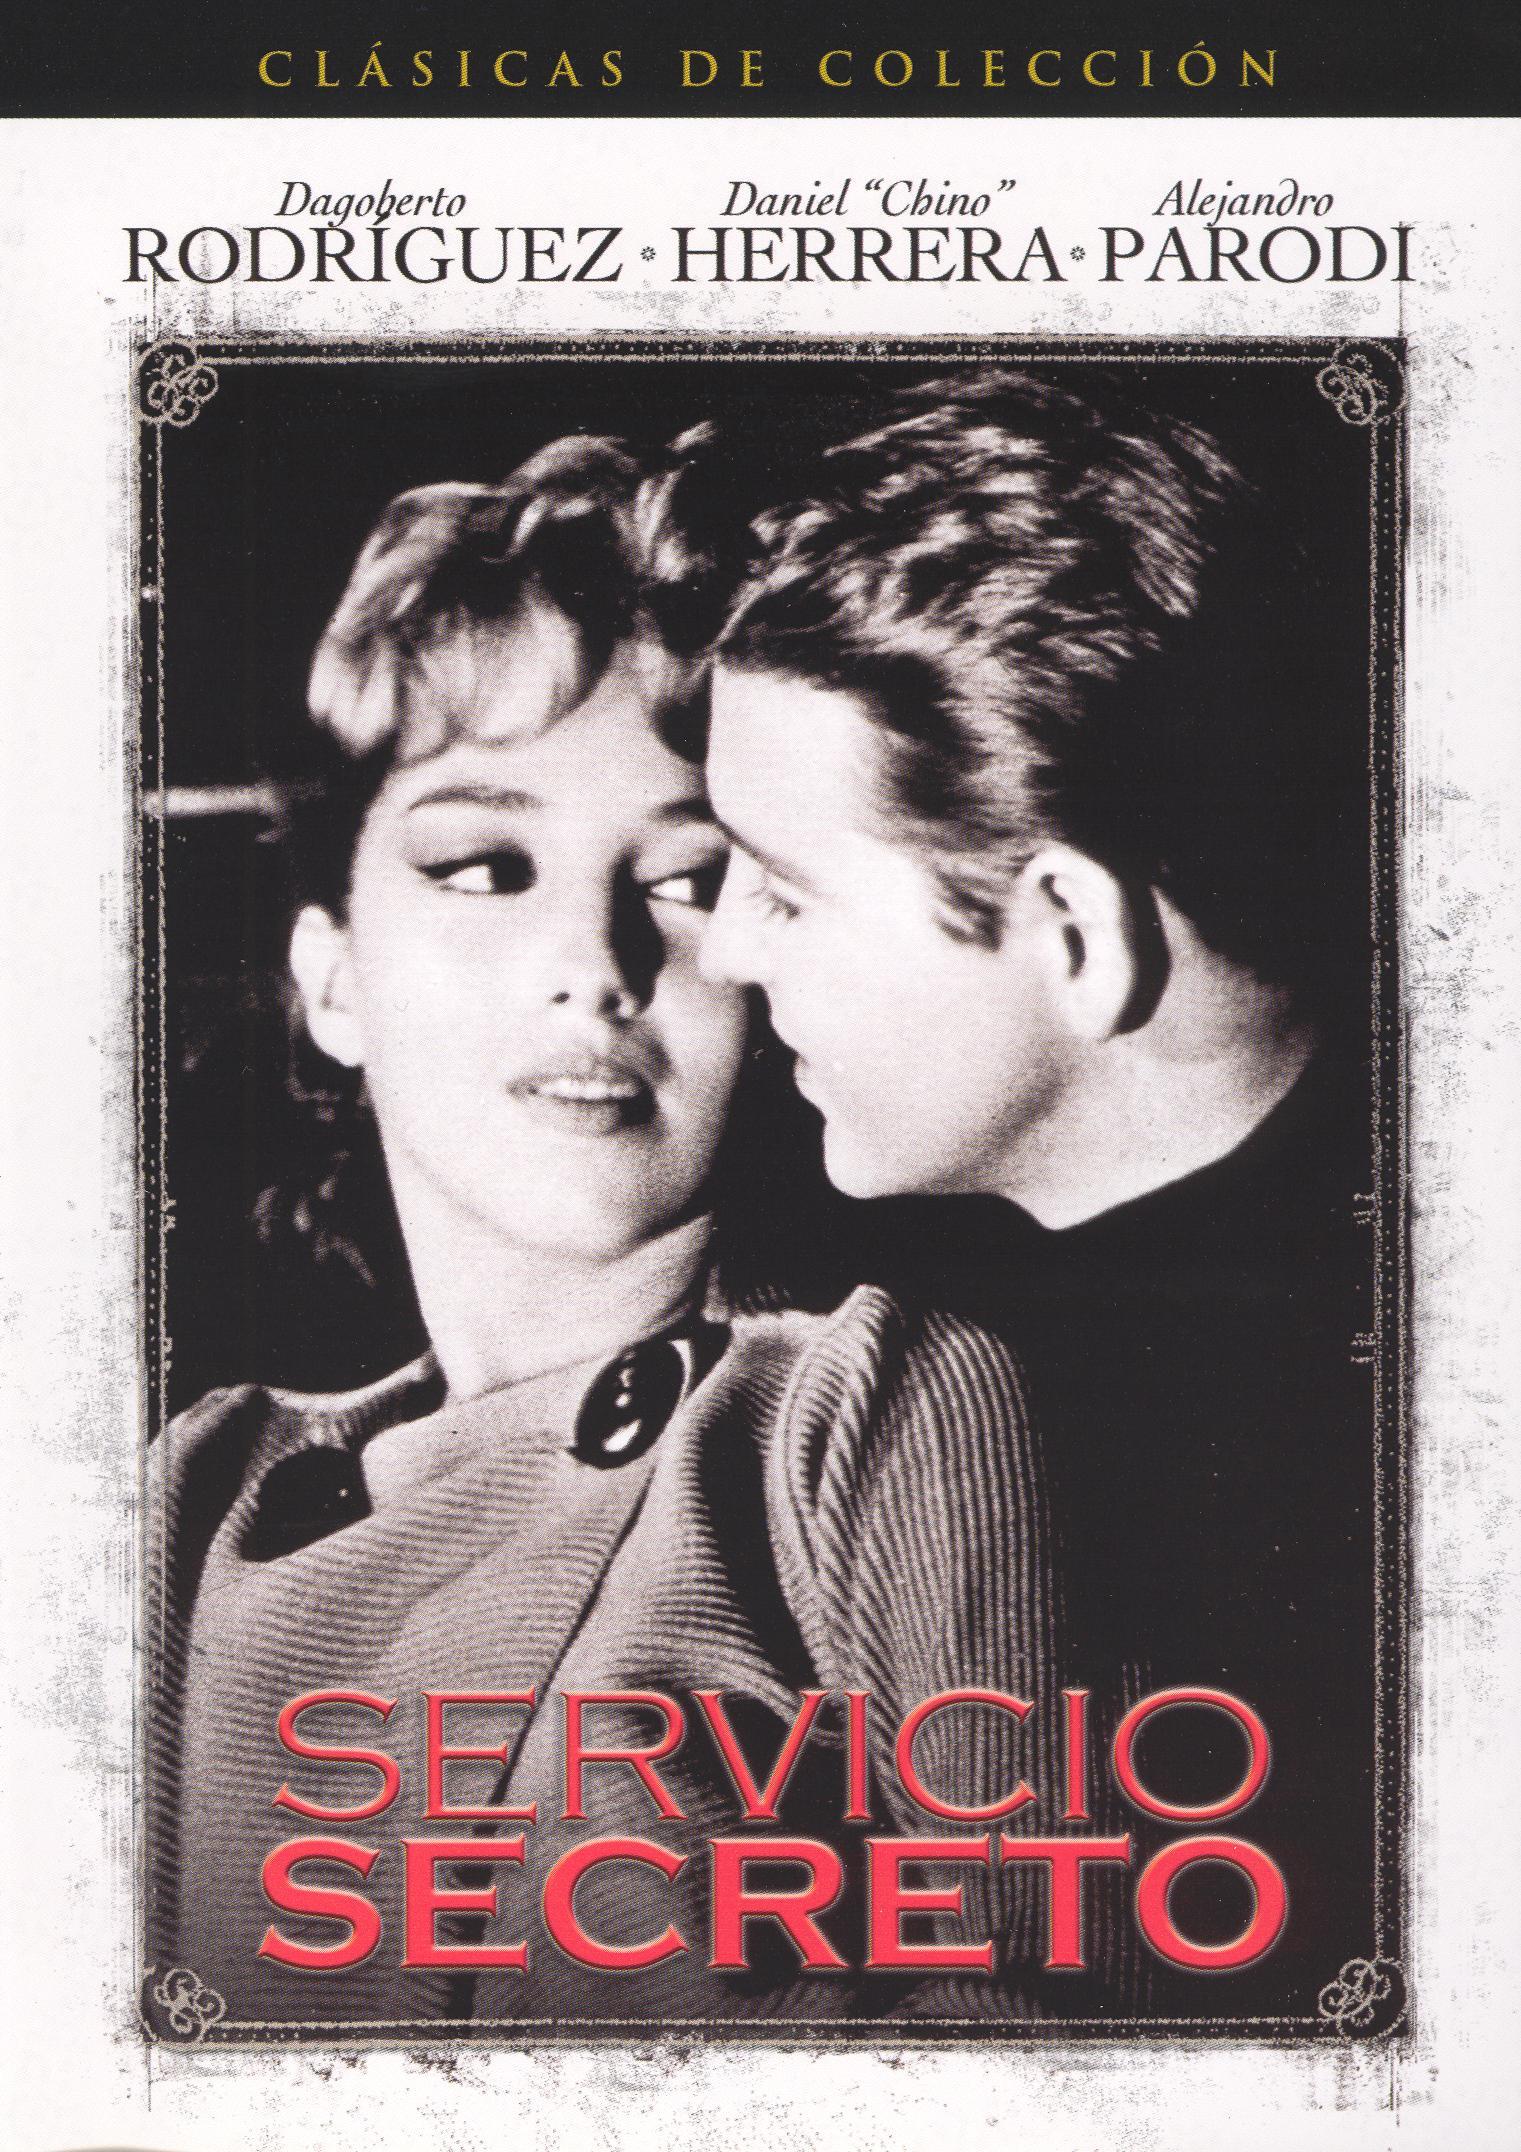 Servicio Secreto